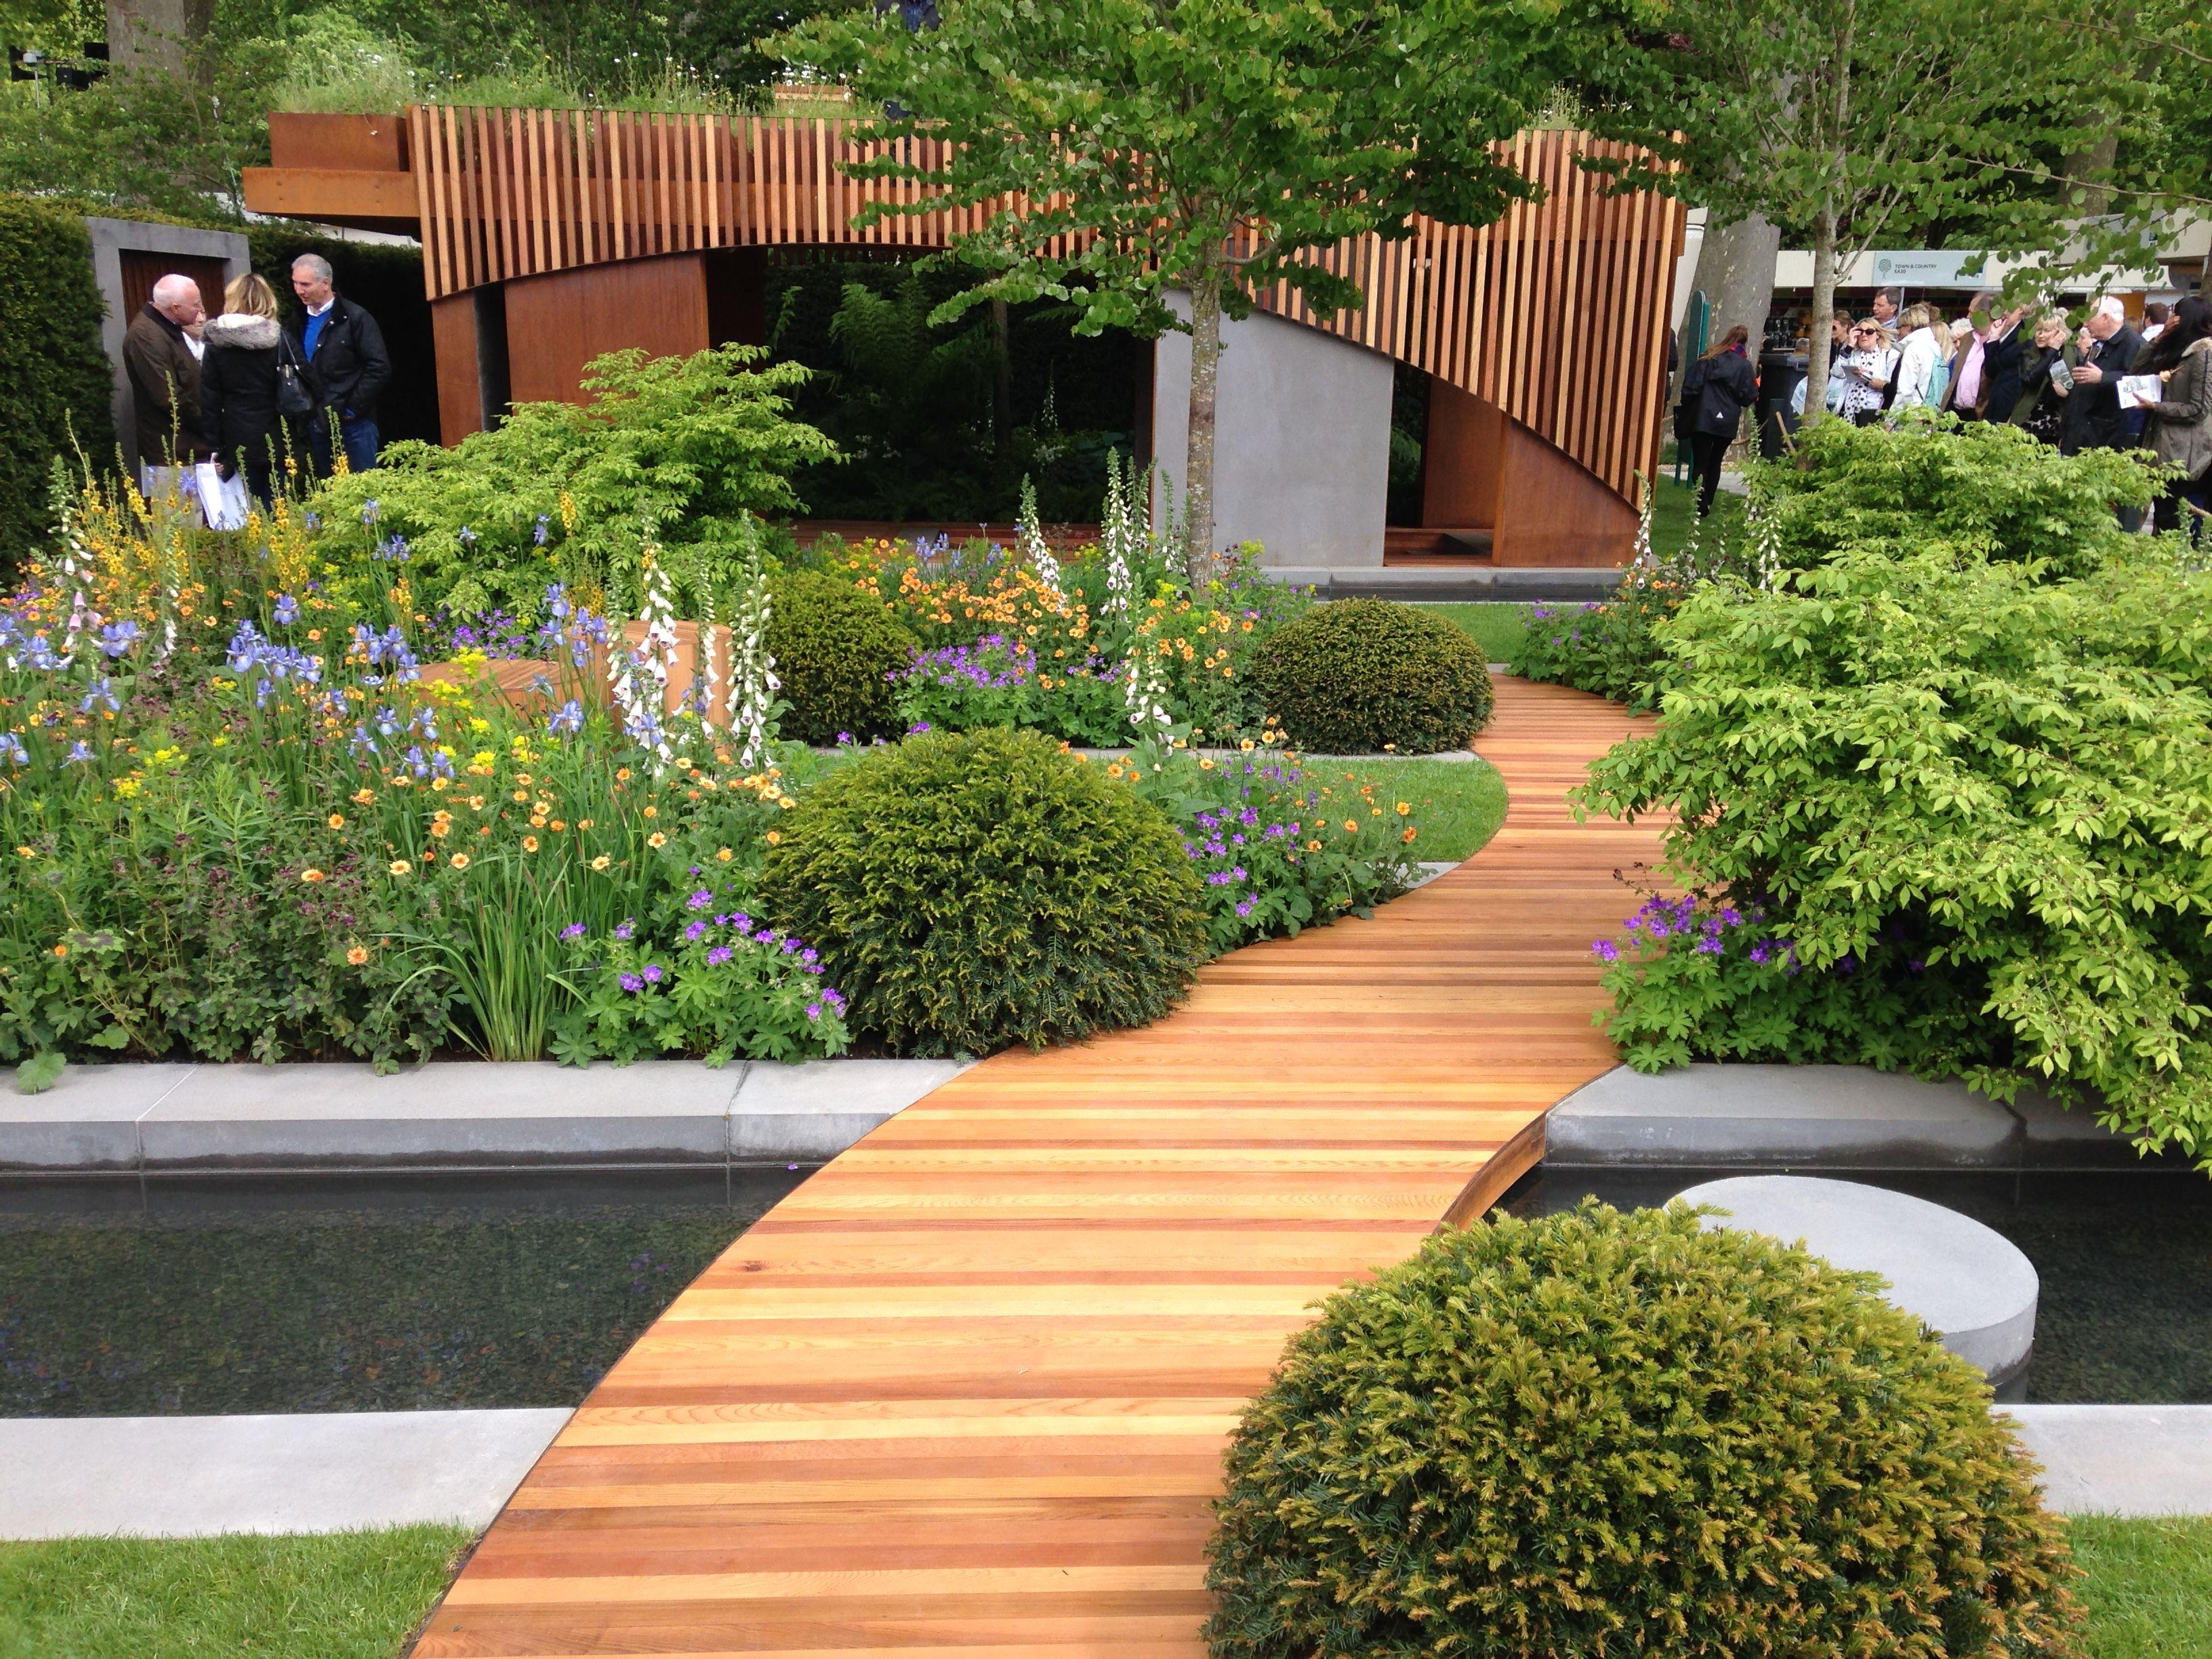 Homebase Urban Retreat Garden   Gold Medal Winner At Chelsea Flower Show  2015